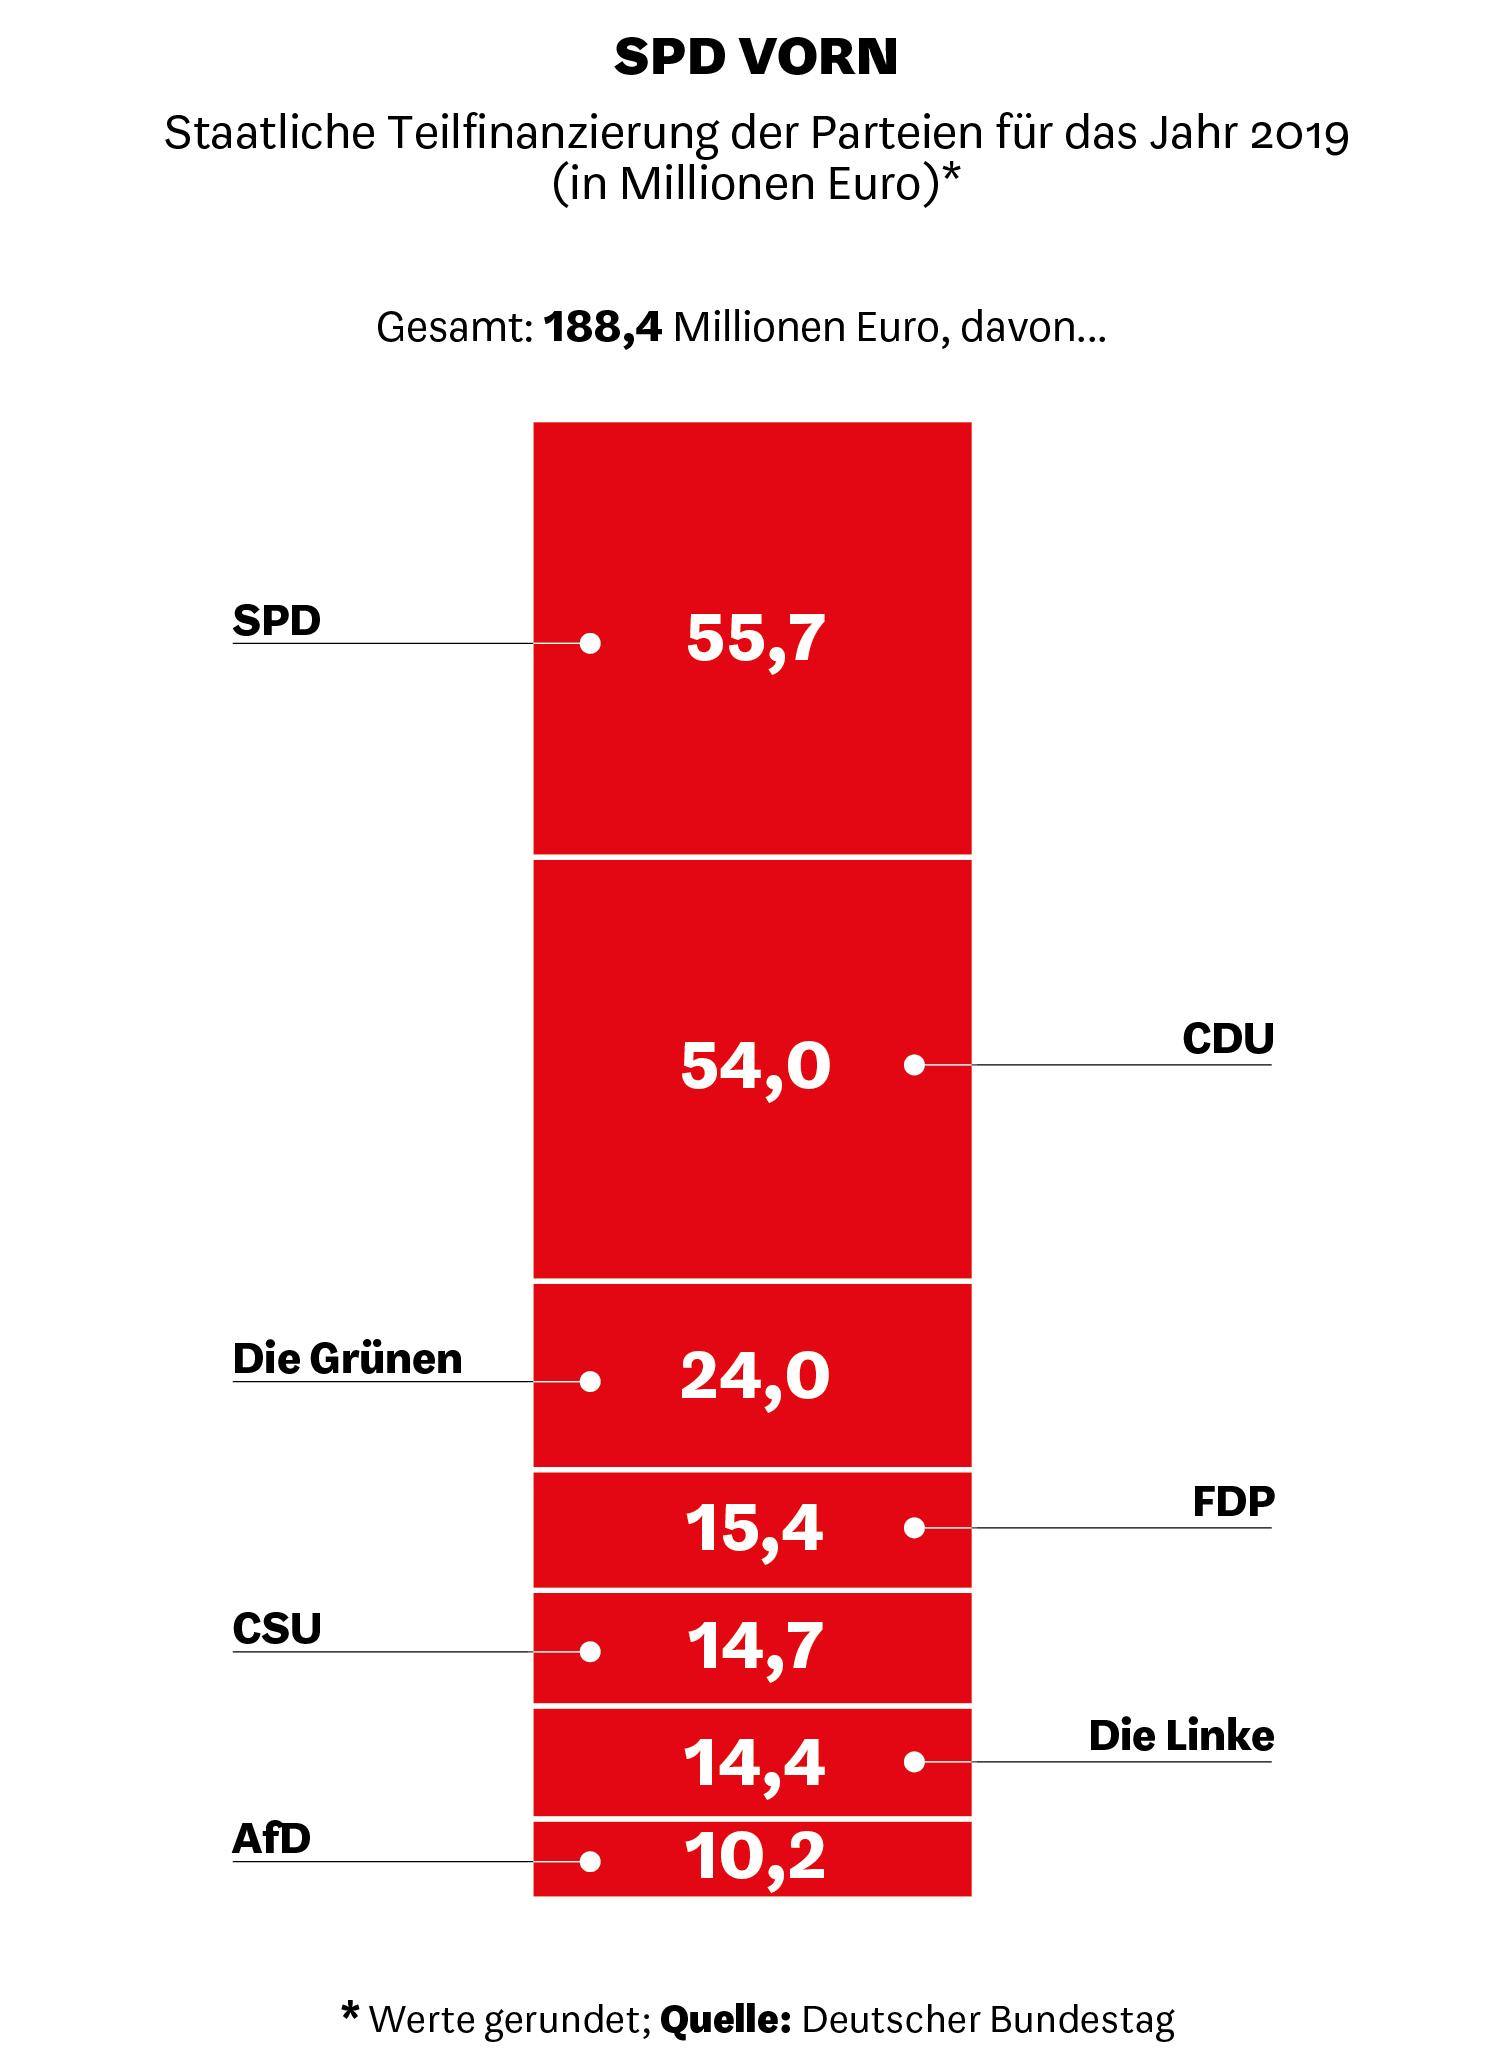 Staatliche Teilfinanzierung der Parteien für das Jahr 2019